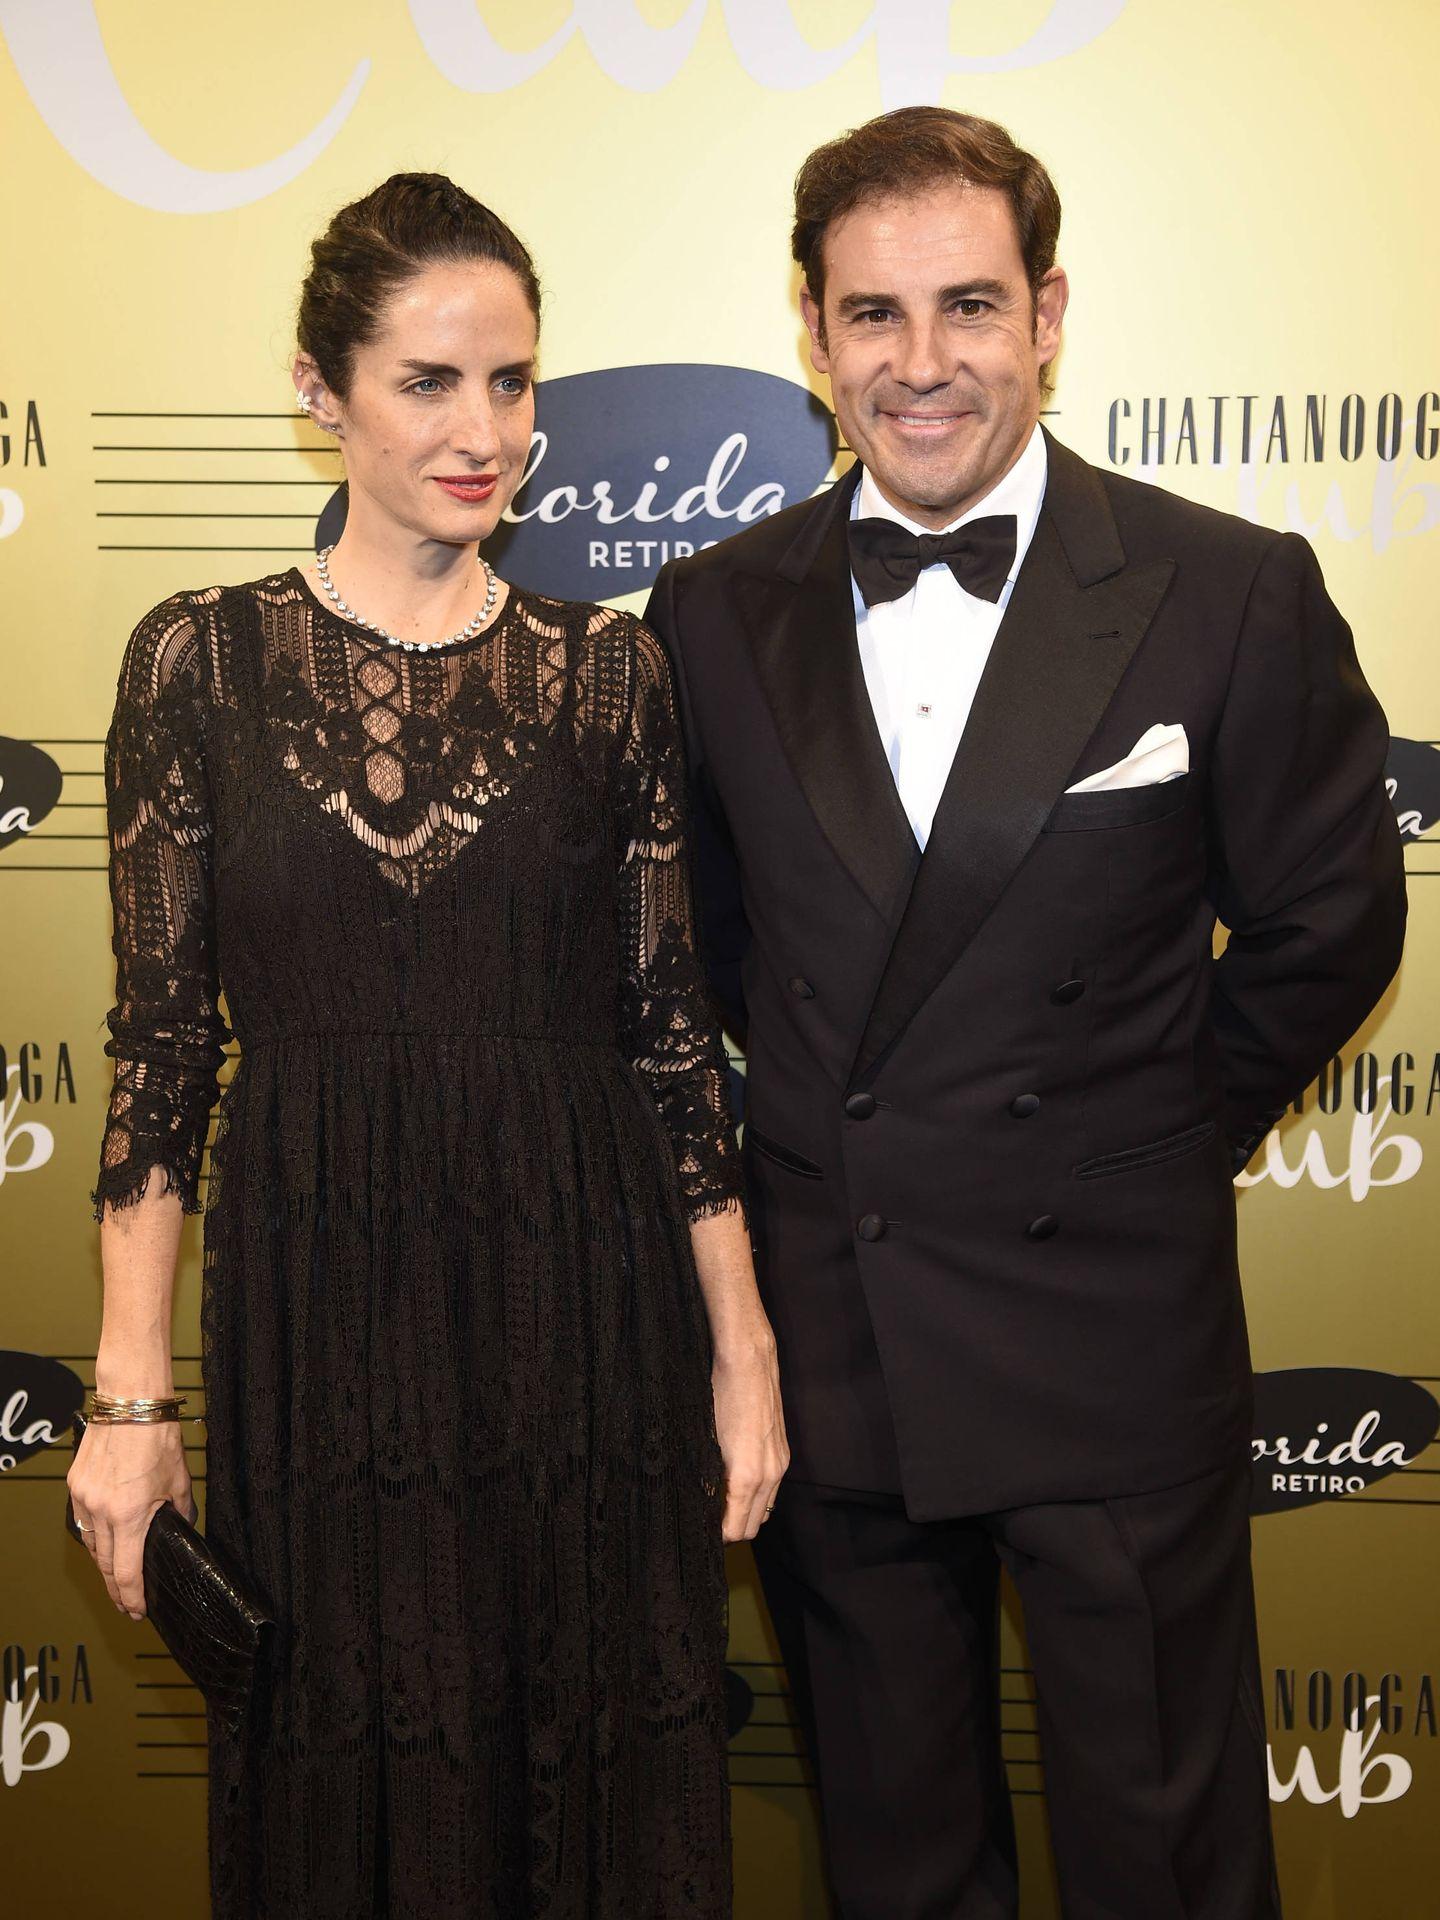 El Litri y Adriana Herrera.